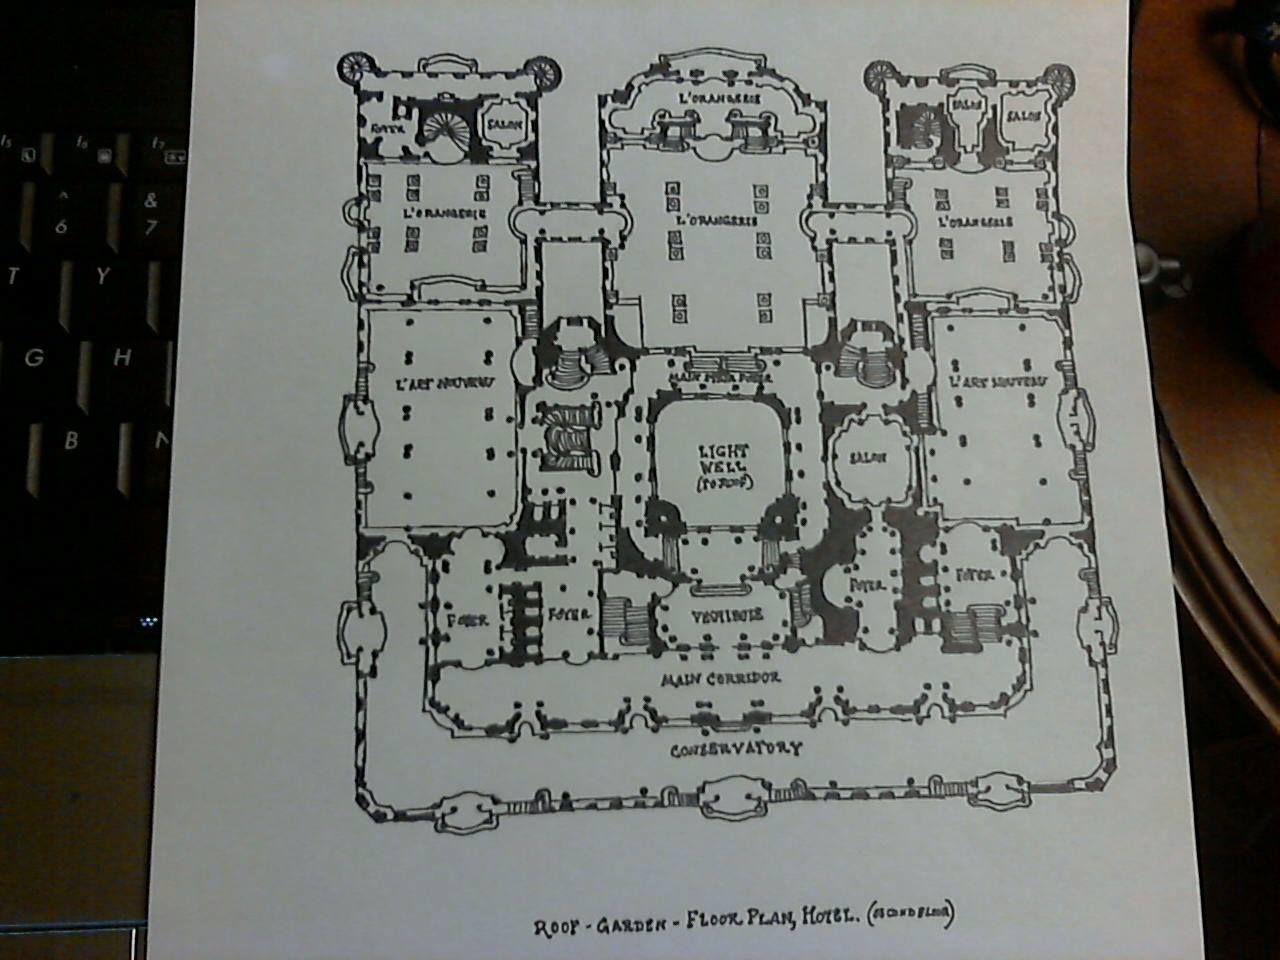 The Roof Garden Second Floor Schematic Plan Of Hotel